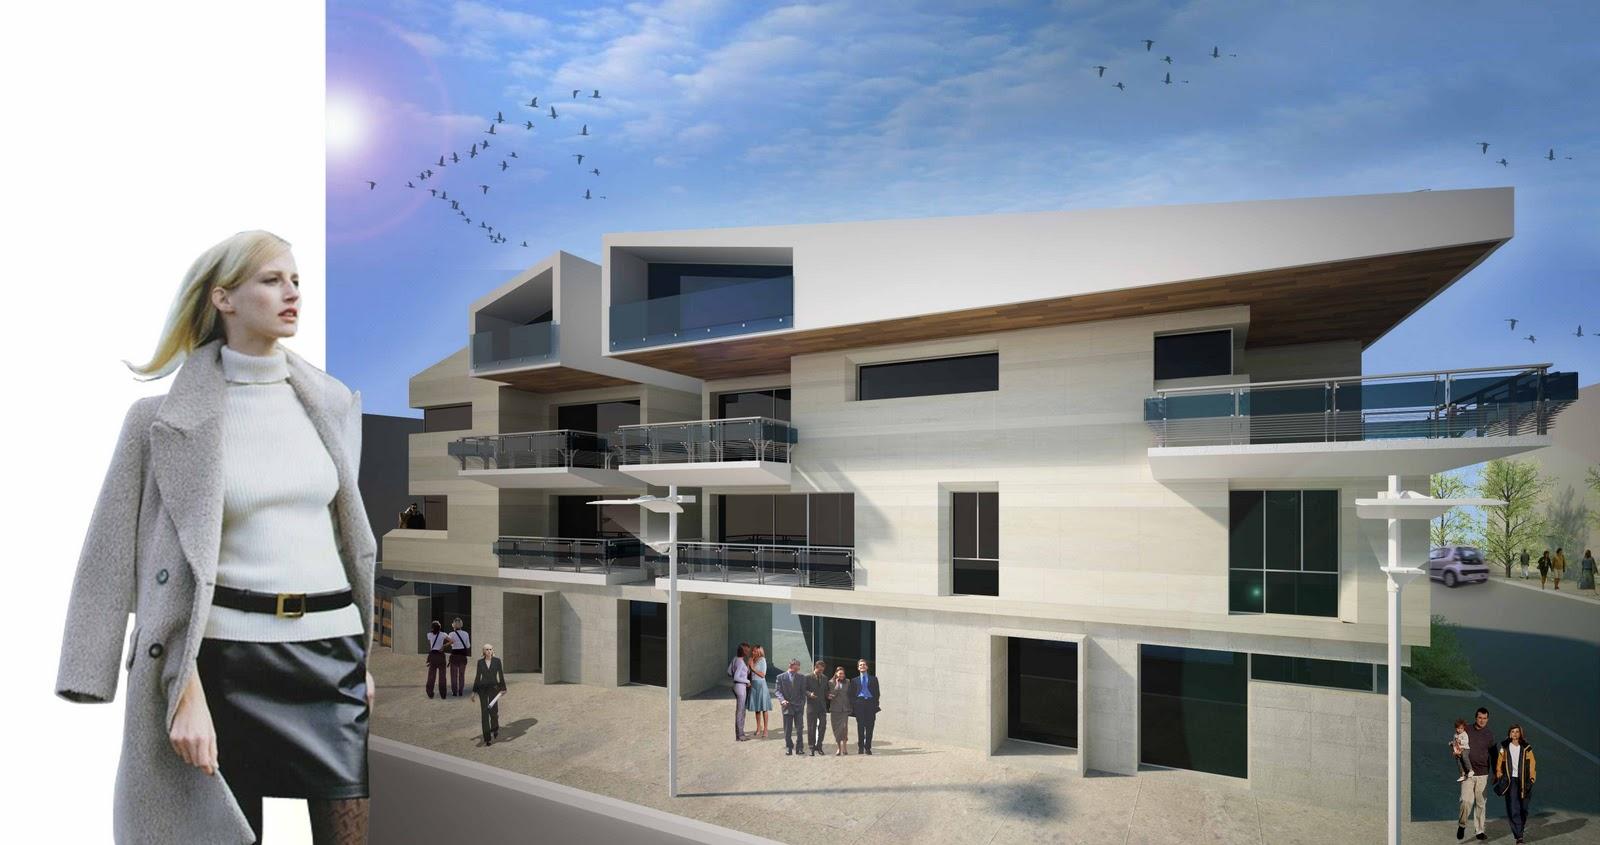 Architettura creativa architecture interior design for Archi per interni appartamenti